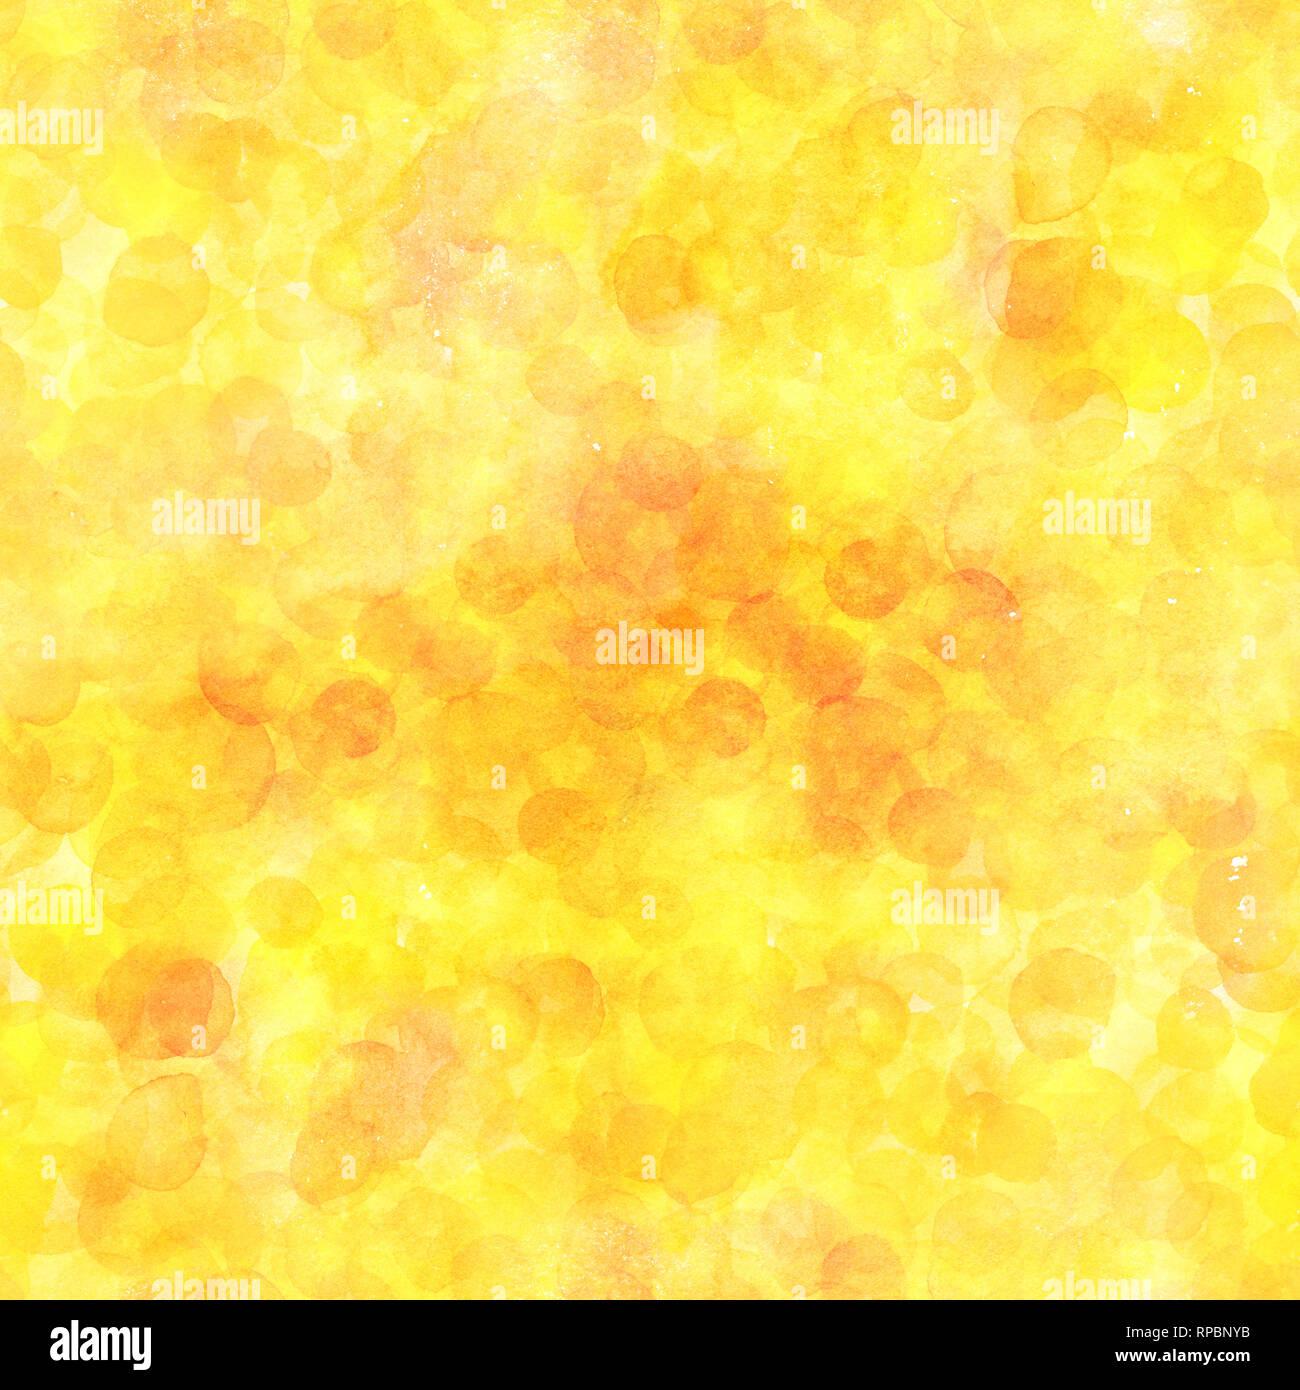 Un patrón perfecto de amarillo puntos de acuarela. Una impresión de repetición dibujados a mano, un resumen antecedentes Foto de stock